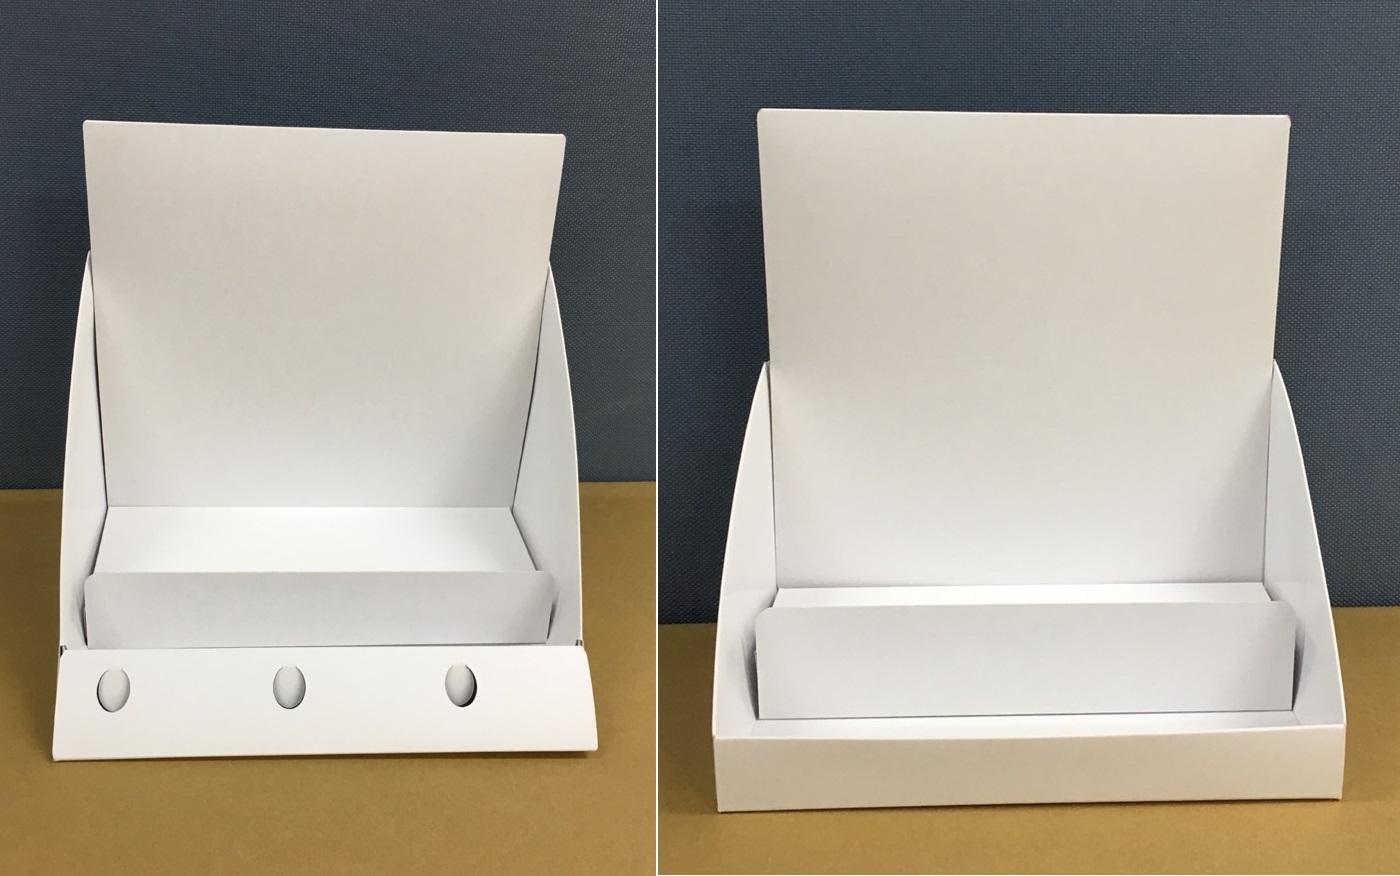 販促用ディスプレイ・紙製什器の既製品販売(紙製の棚)